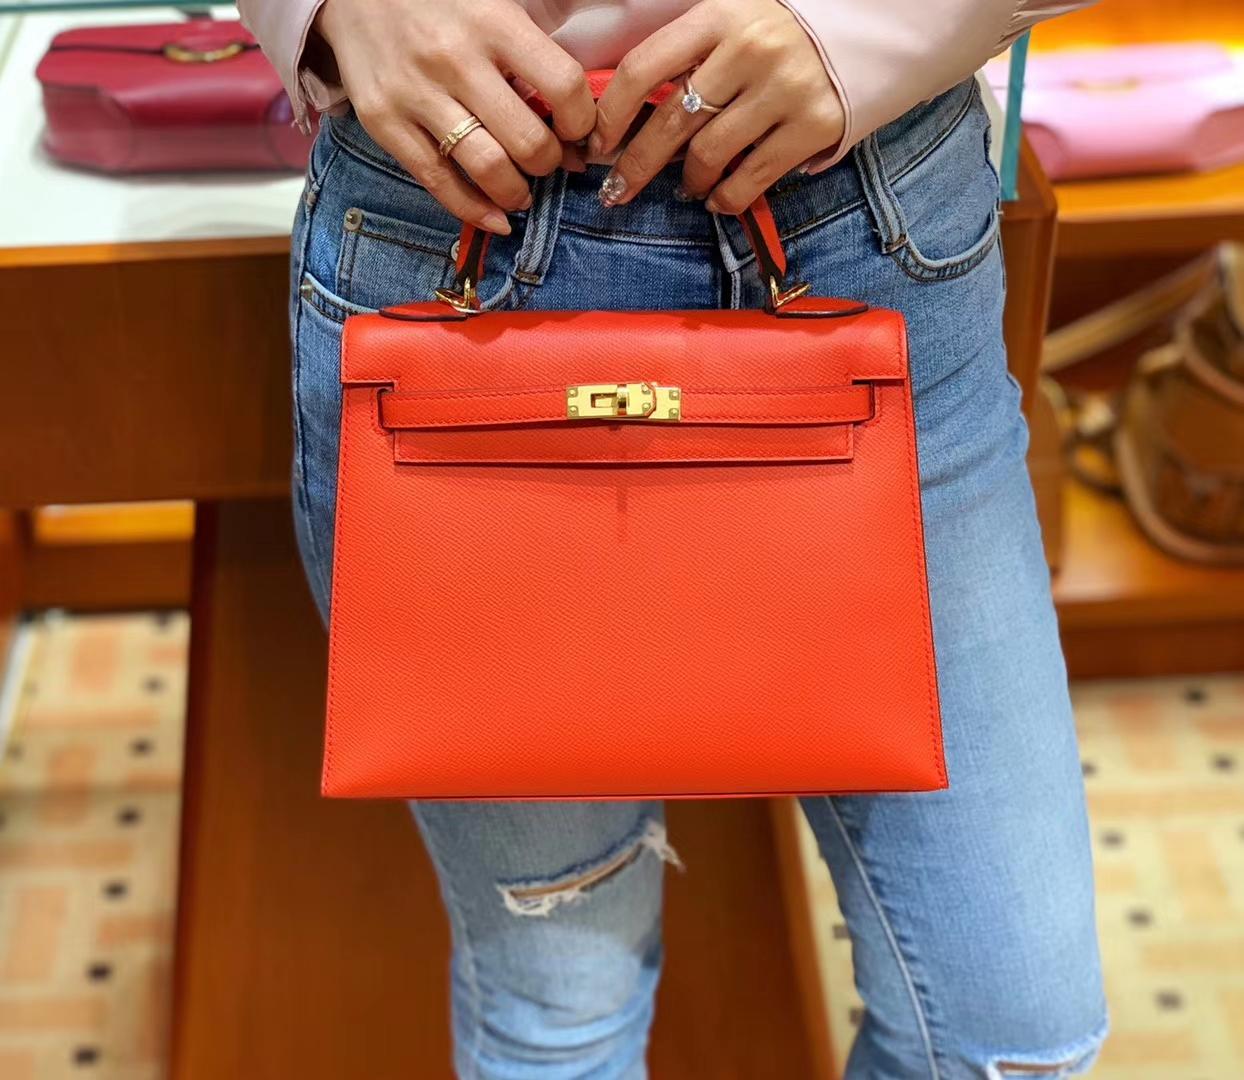 爱马仕香港官网 Kelly 25 Epsom 现货 色号S5 番茄红 比正红色多一点橘调 就是非常洋气的橘红色